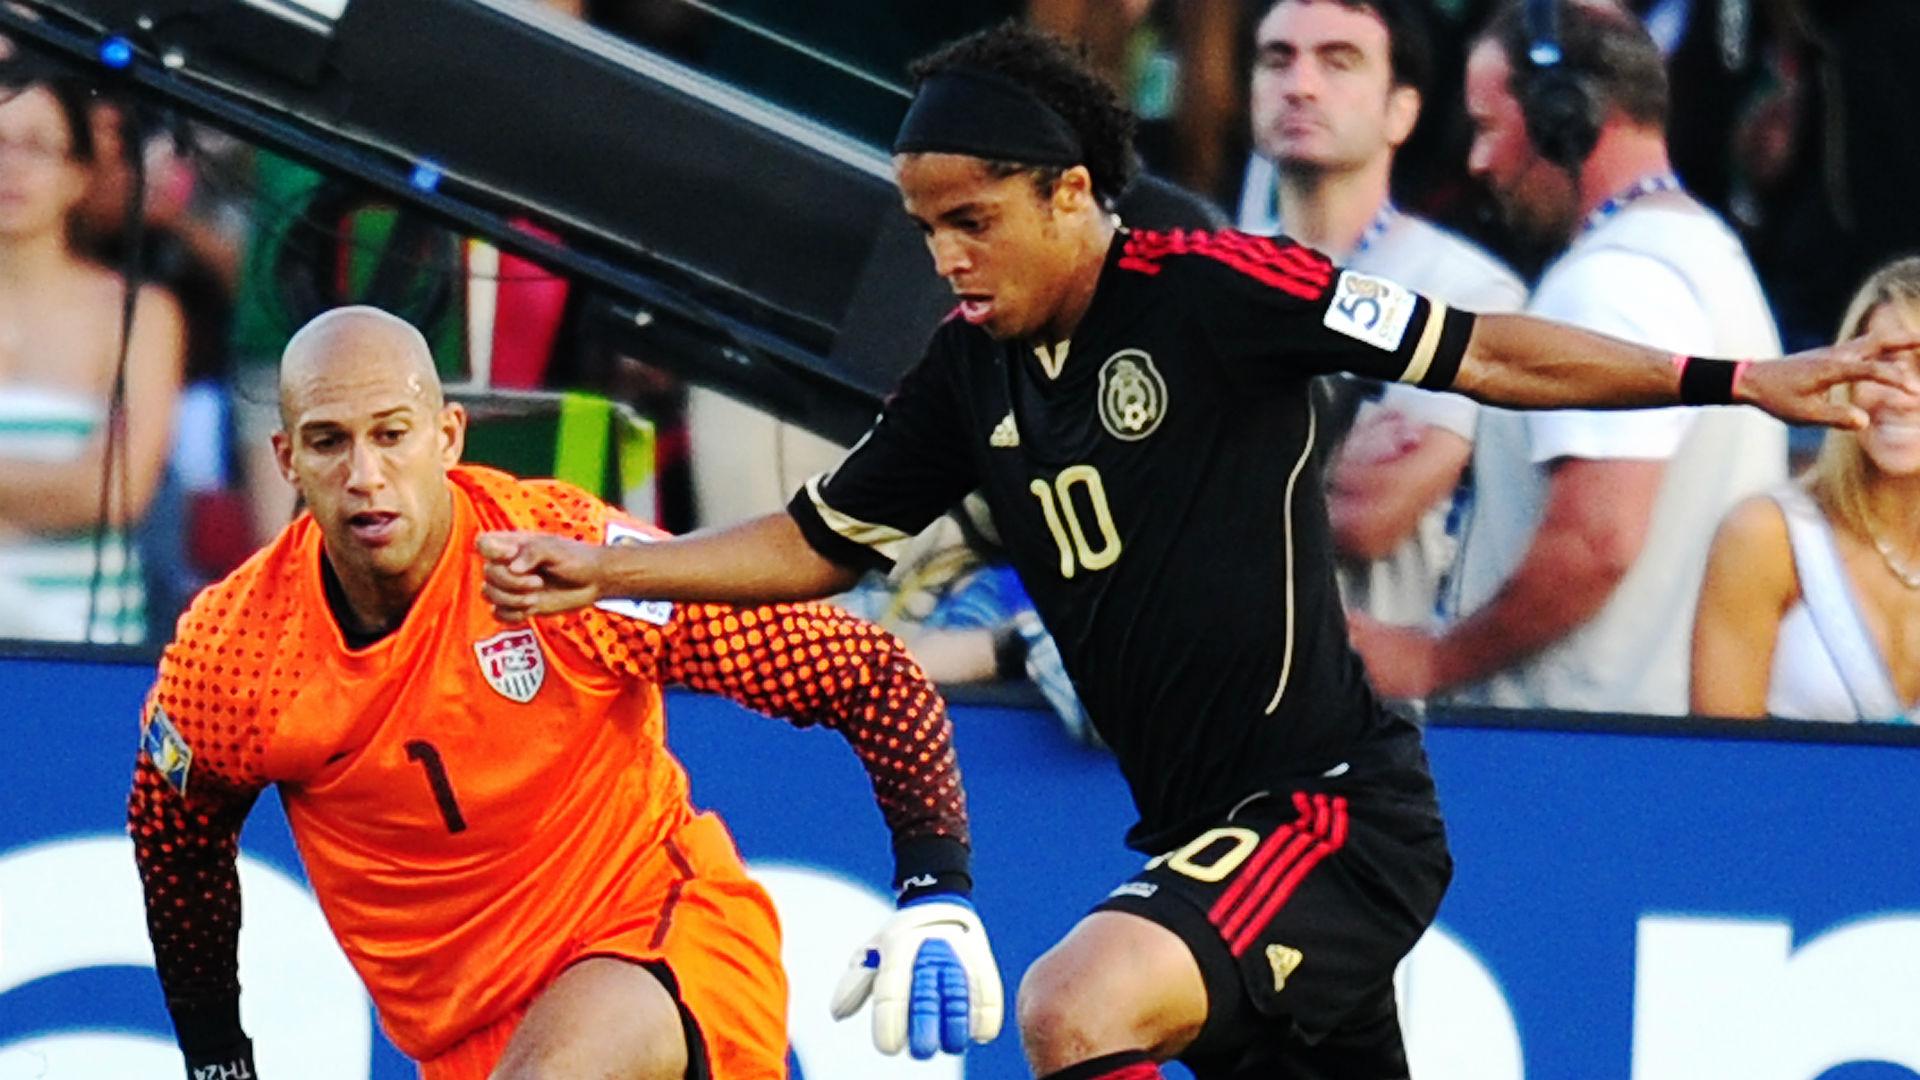 Tim Howard Giovani dos Santos USA Mexico 2011 Gold Cup